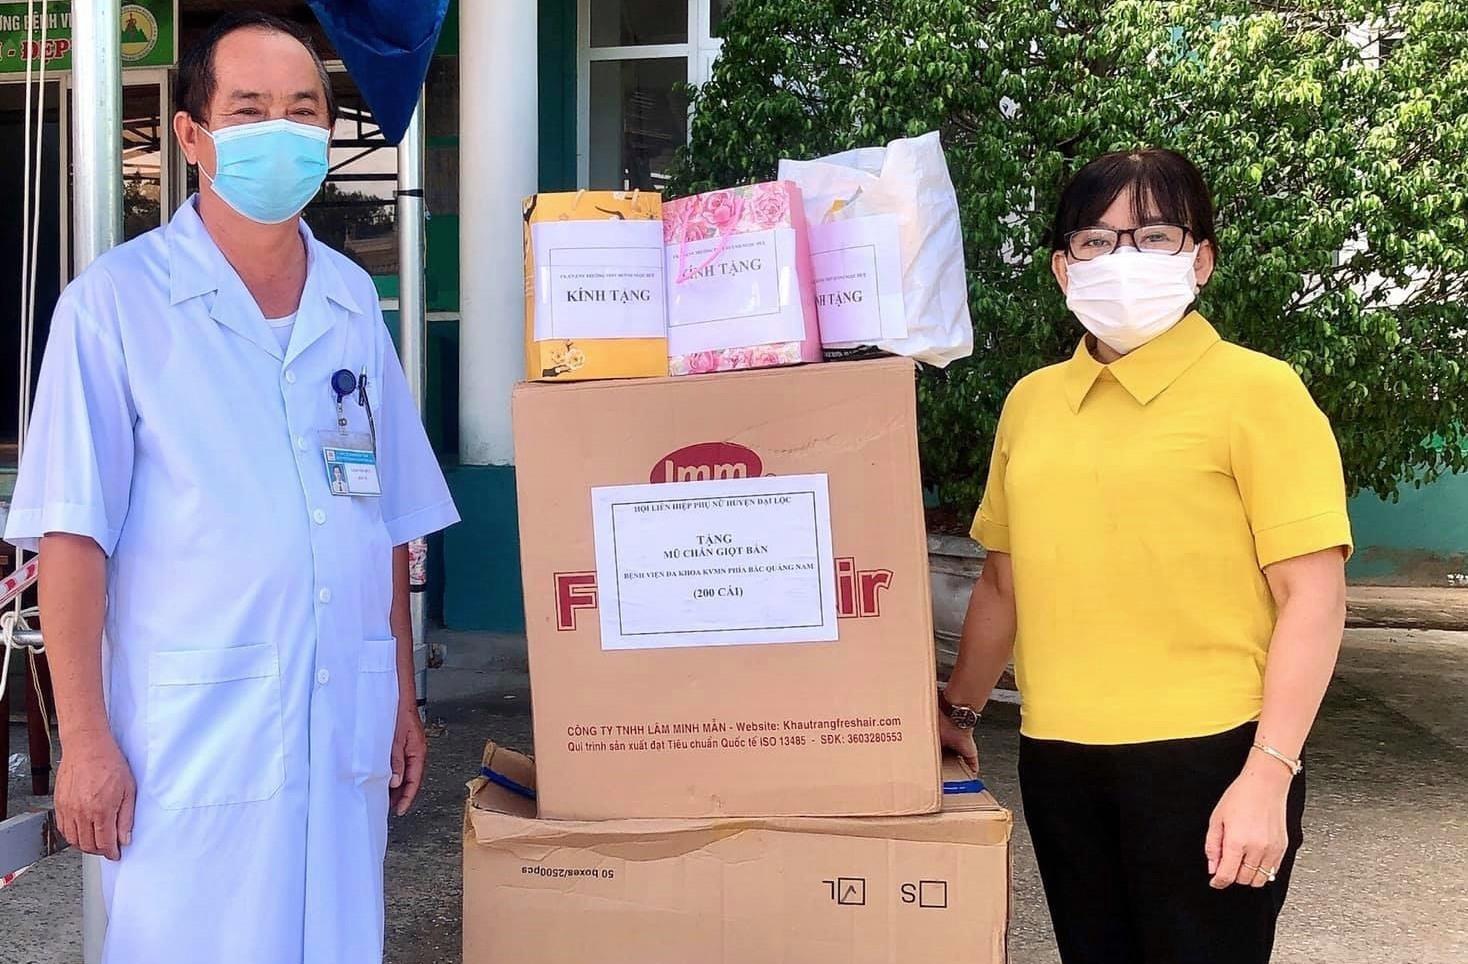 Hội LHPN huyện Đại Lộc nỗ lực vận động nguồn lực xã hội hóa hỗ trợ phòng chống dịch Covid-19. Ảnh: H.L